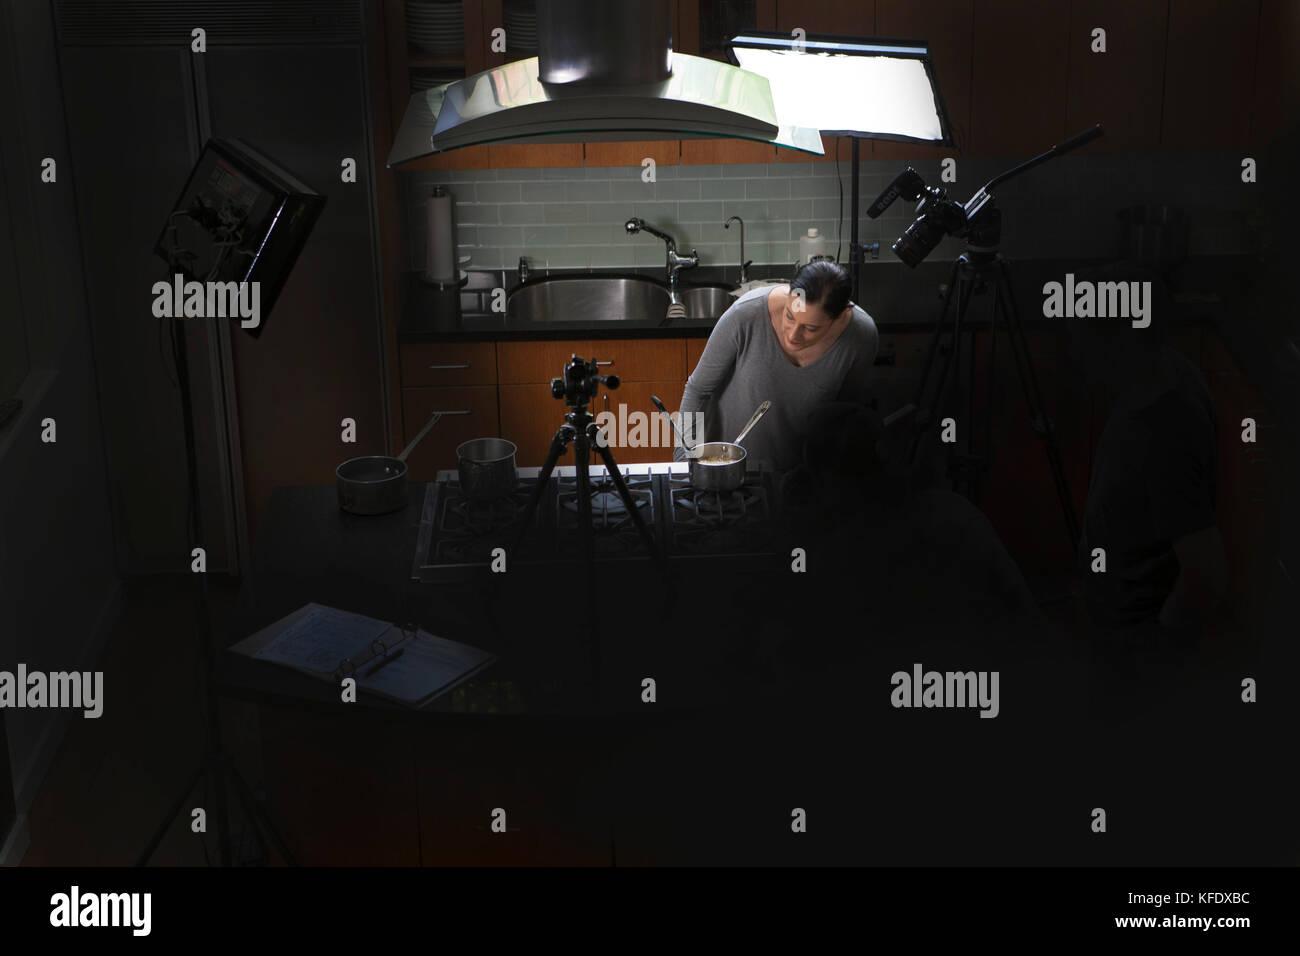 50s Kitchen Stockfotos & 50s Kitchen Bilder - Alamy